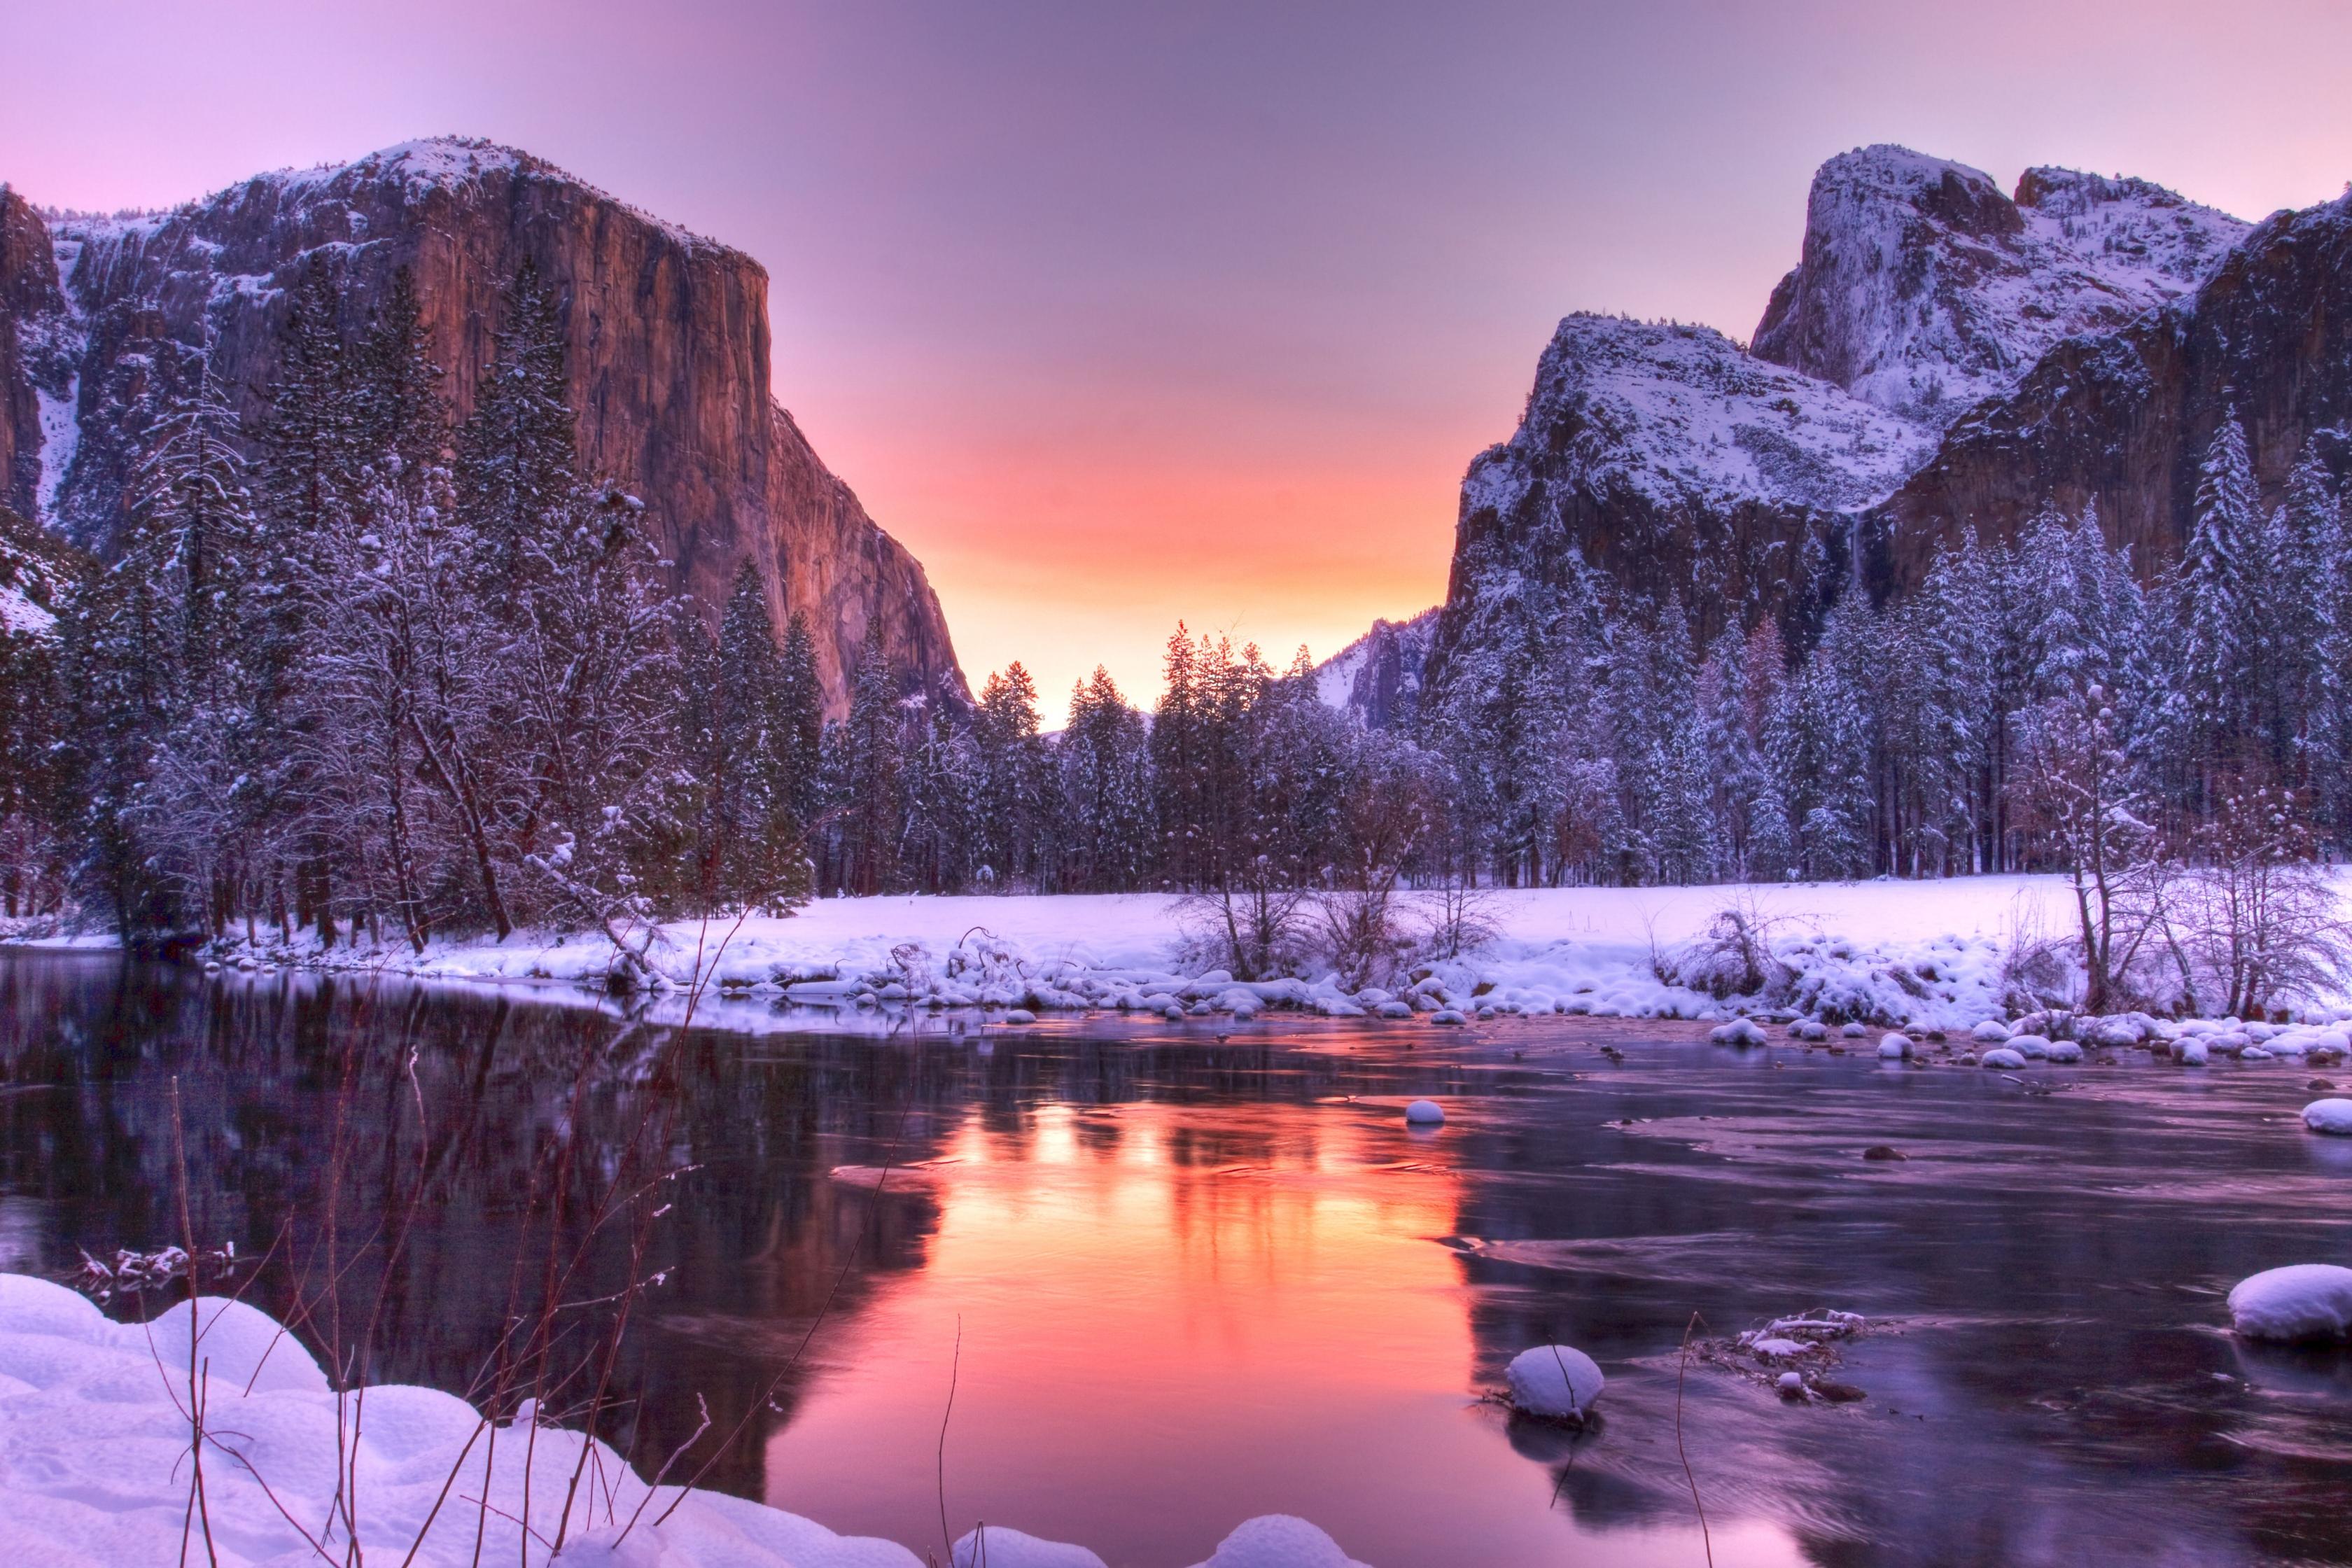 Winter comes at Yosemite National Park.